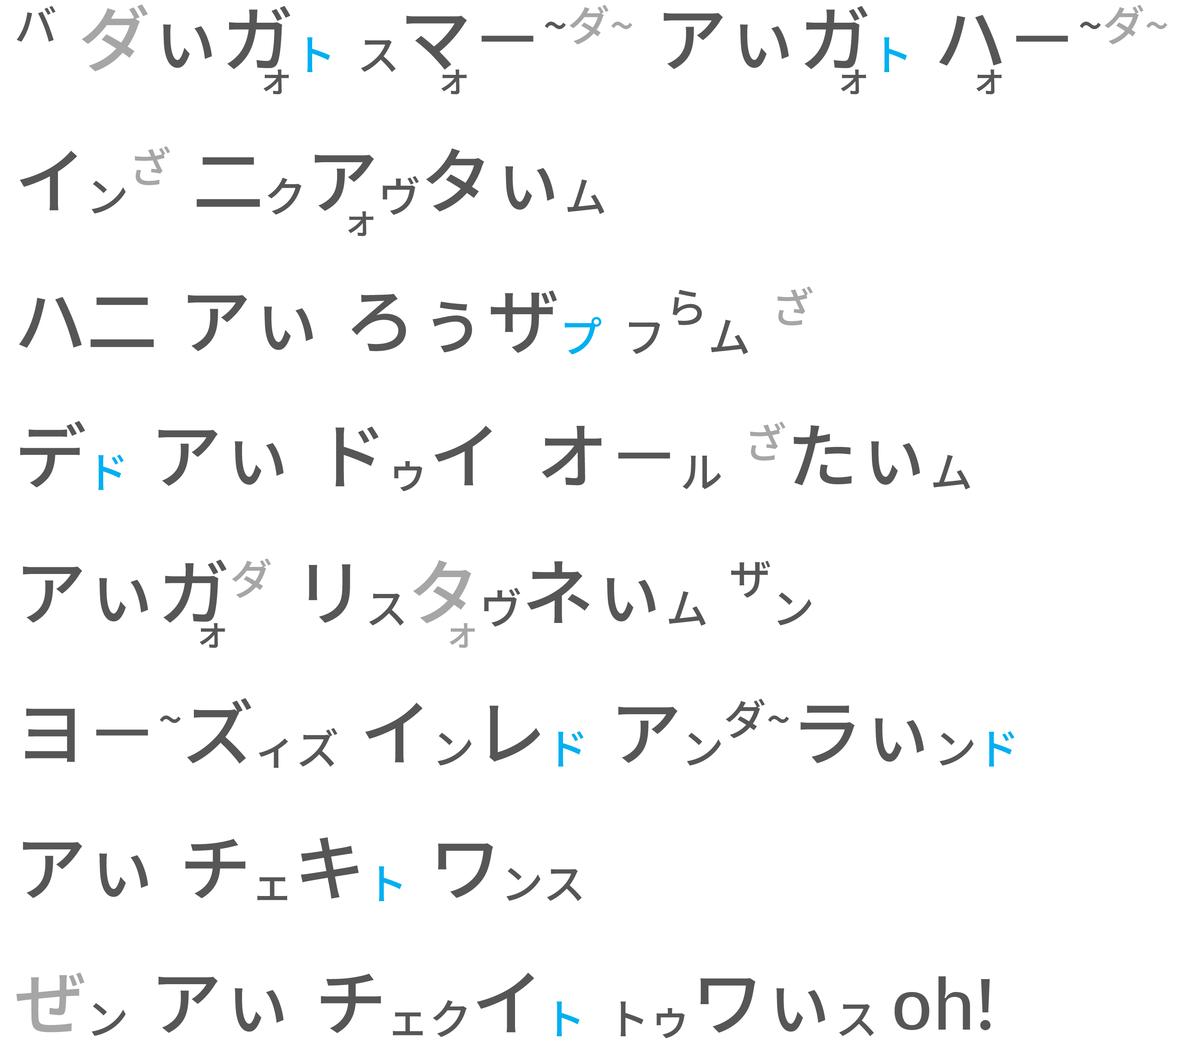 f:id:yakatazushi:20200313222835p:plain